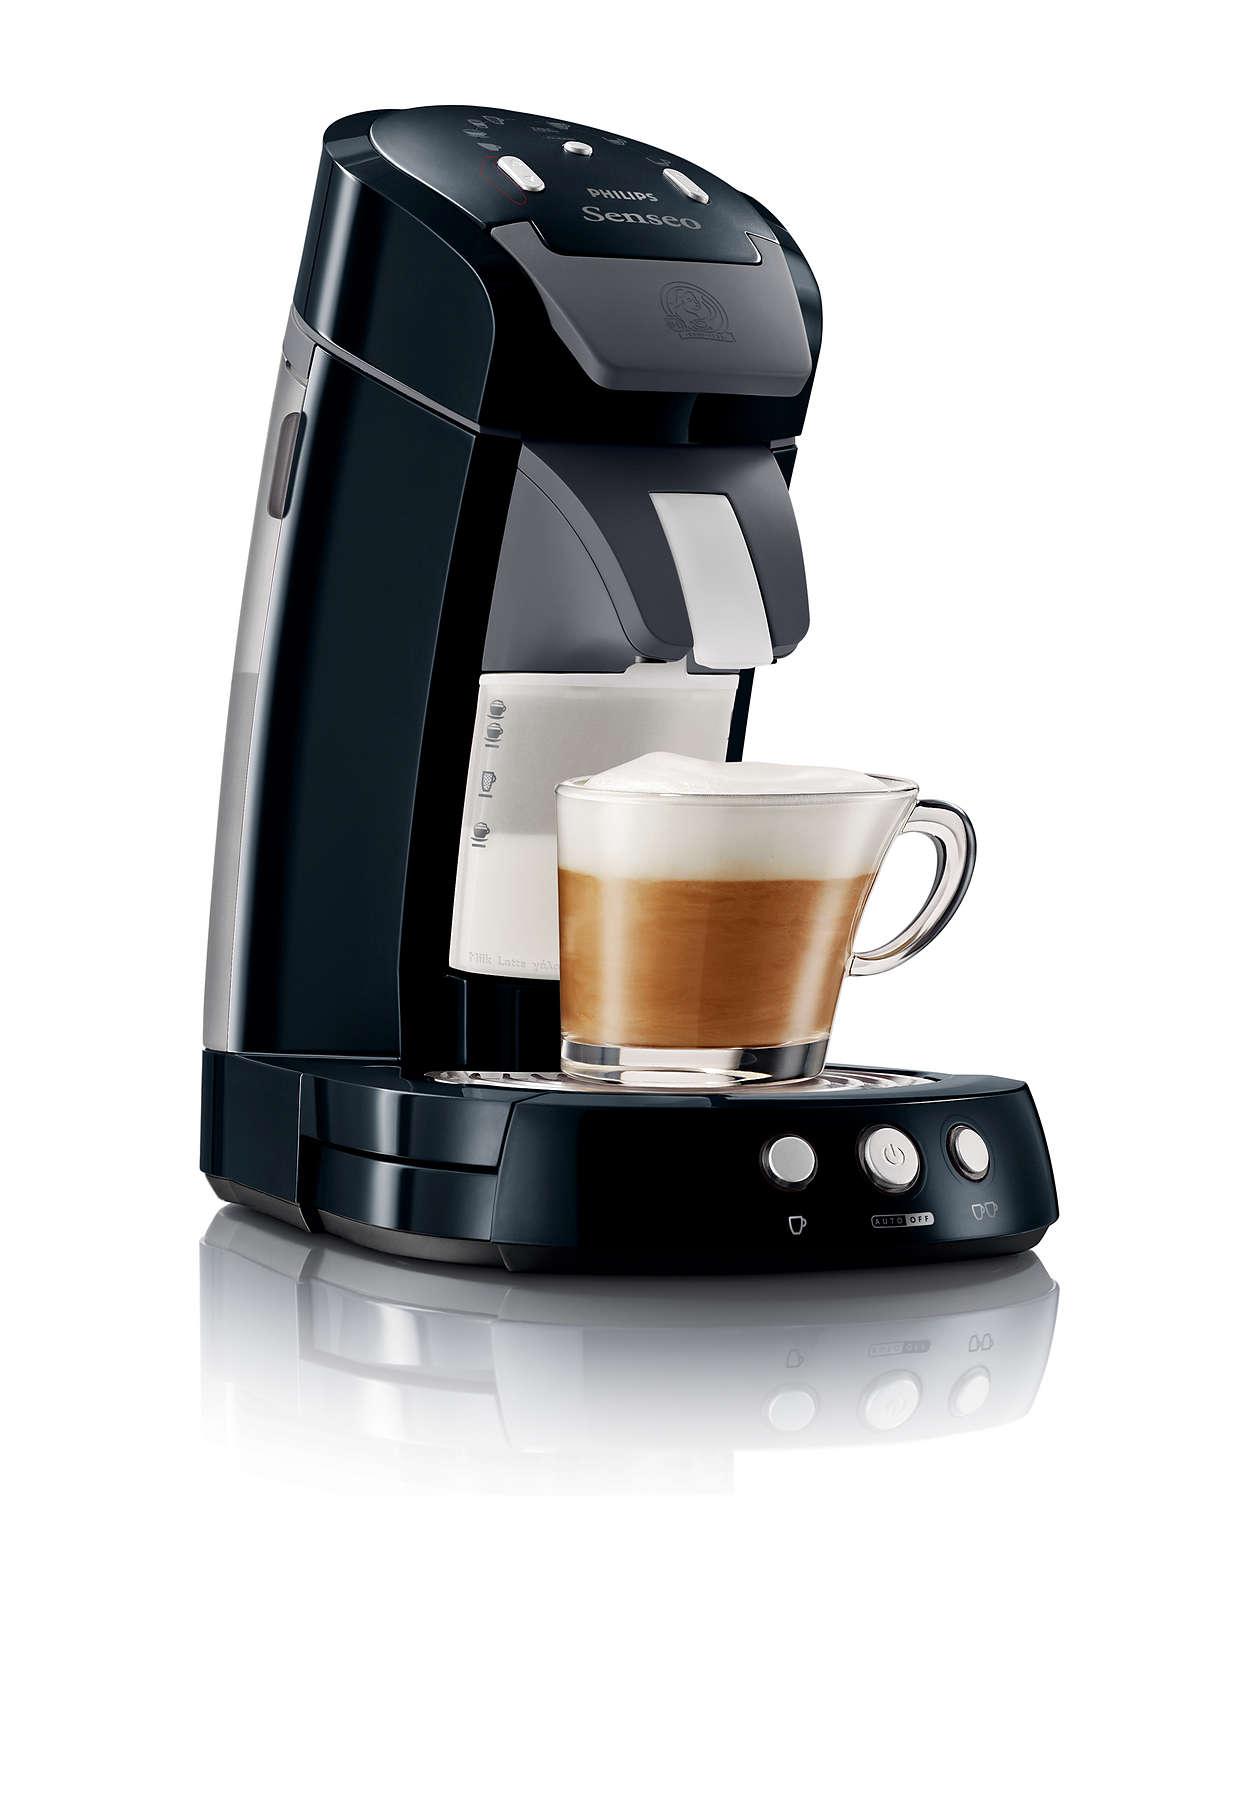 Sensationeller Kaffee. Frisch aufgeschäumte Milch.